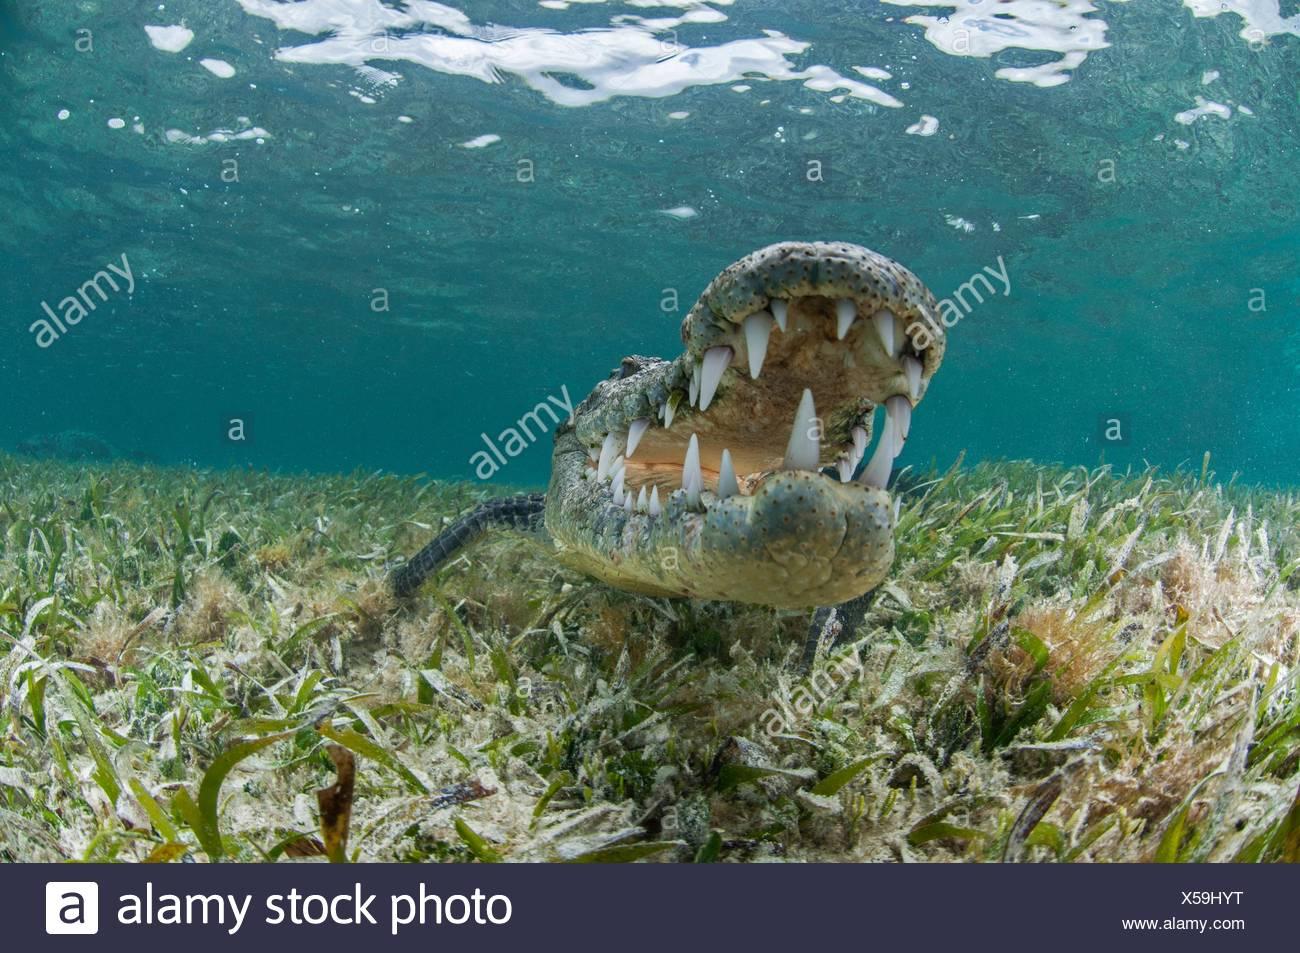 Vista frontal del submarino de cocodrilo en algas, abrir la boca mostrando los dientes, el Atolón de Chinchorro, Quintana Roo, México. Imagen De Stock